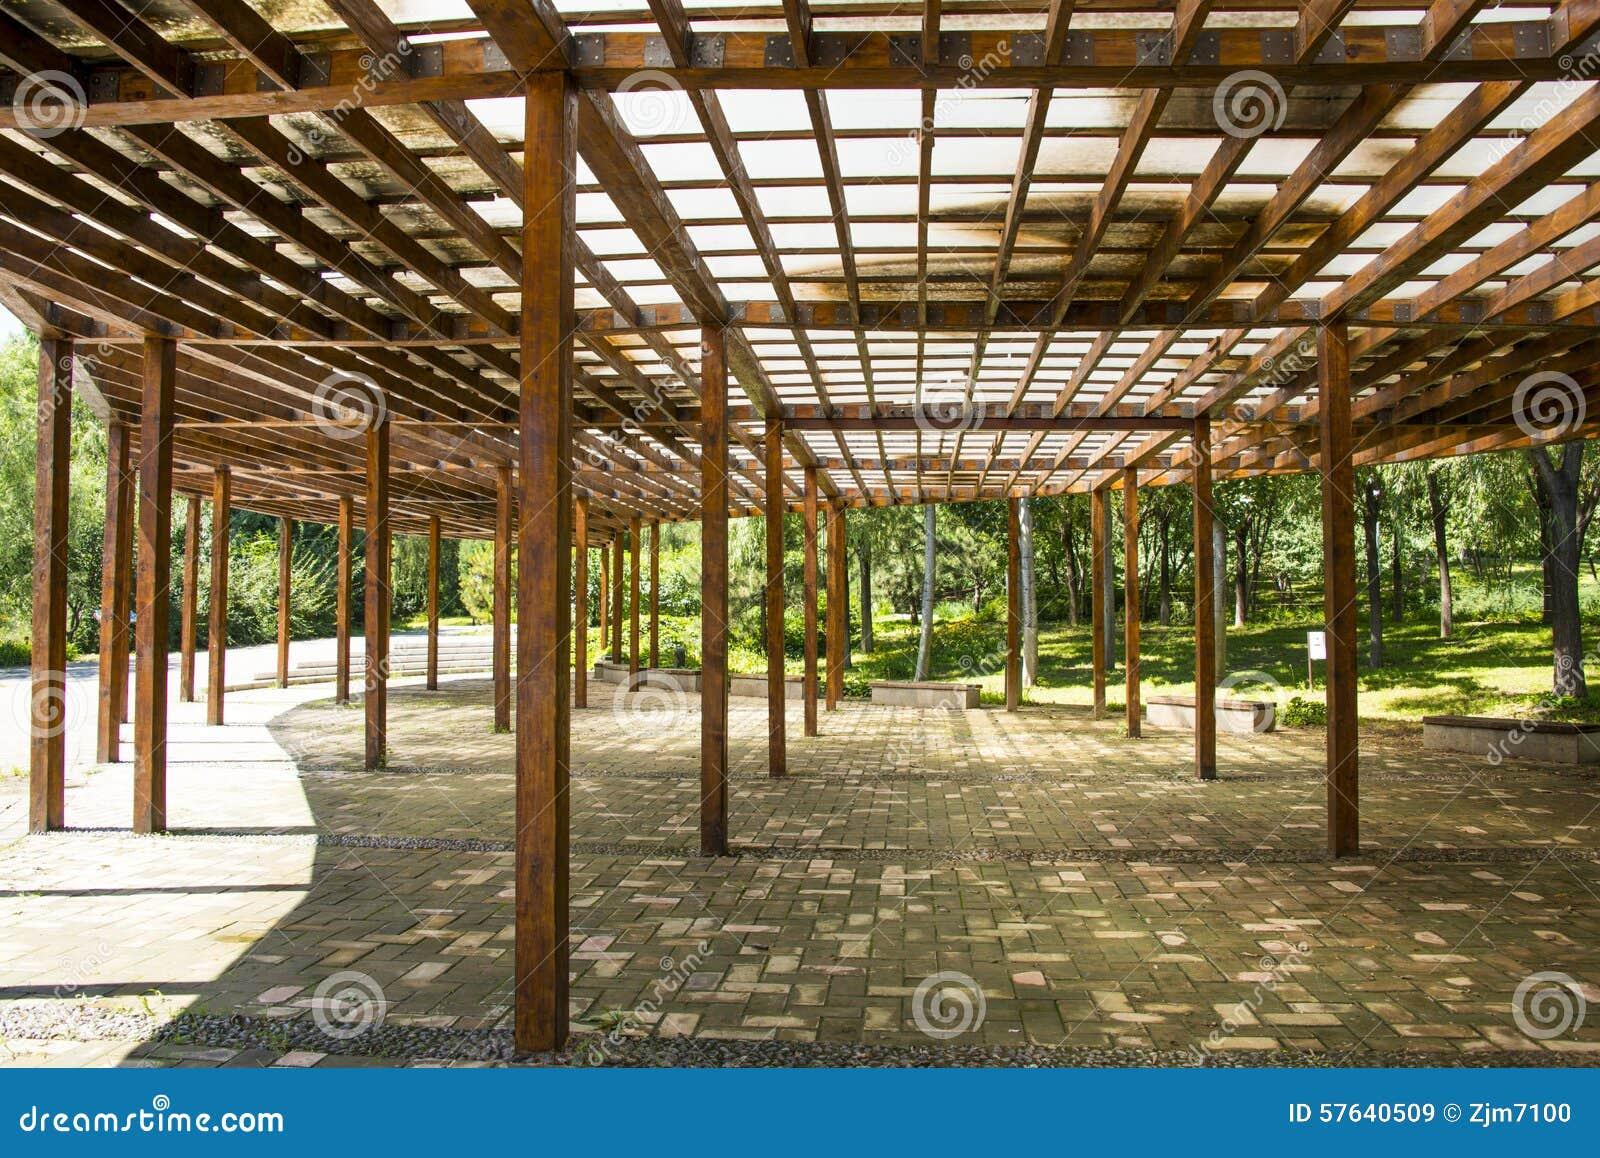 L 39 asie chine p kin forest park olympique architecture for Pavillon en bois pour jardin